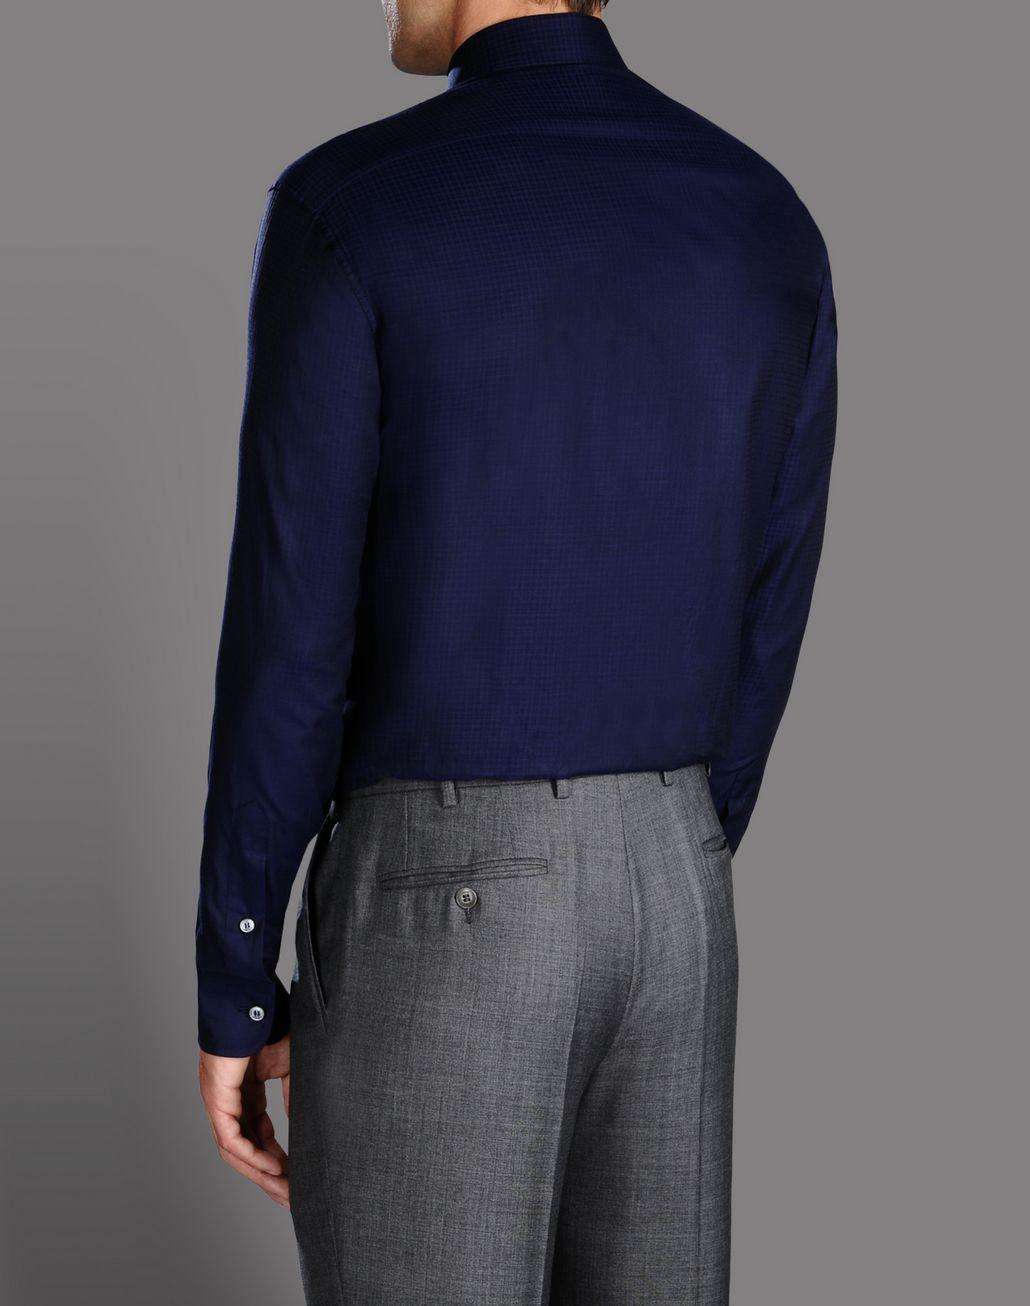 Brioni Men S Shirt Brioni Official Online Store